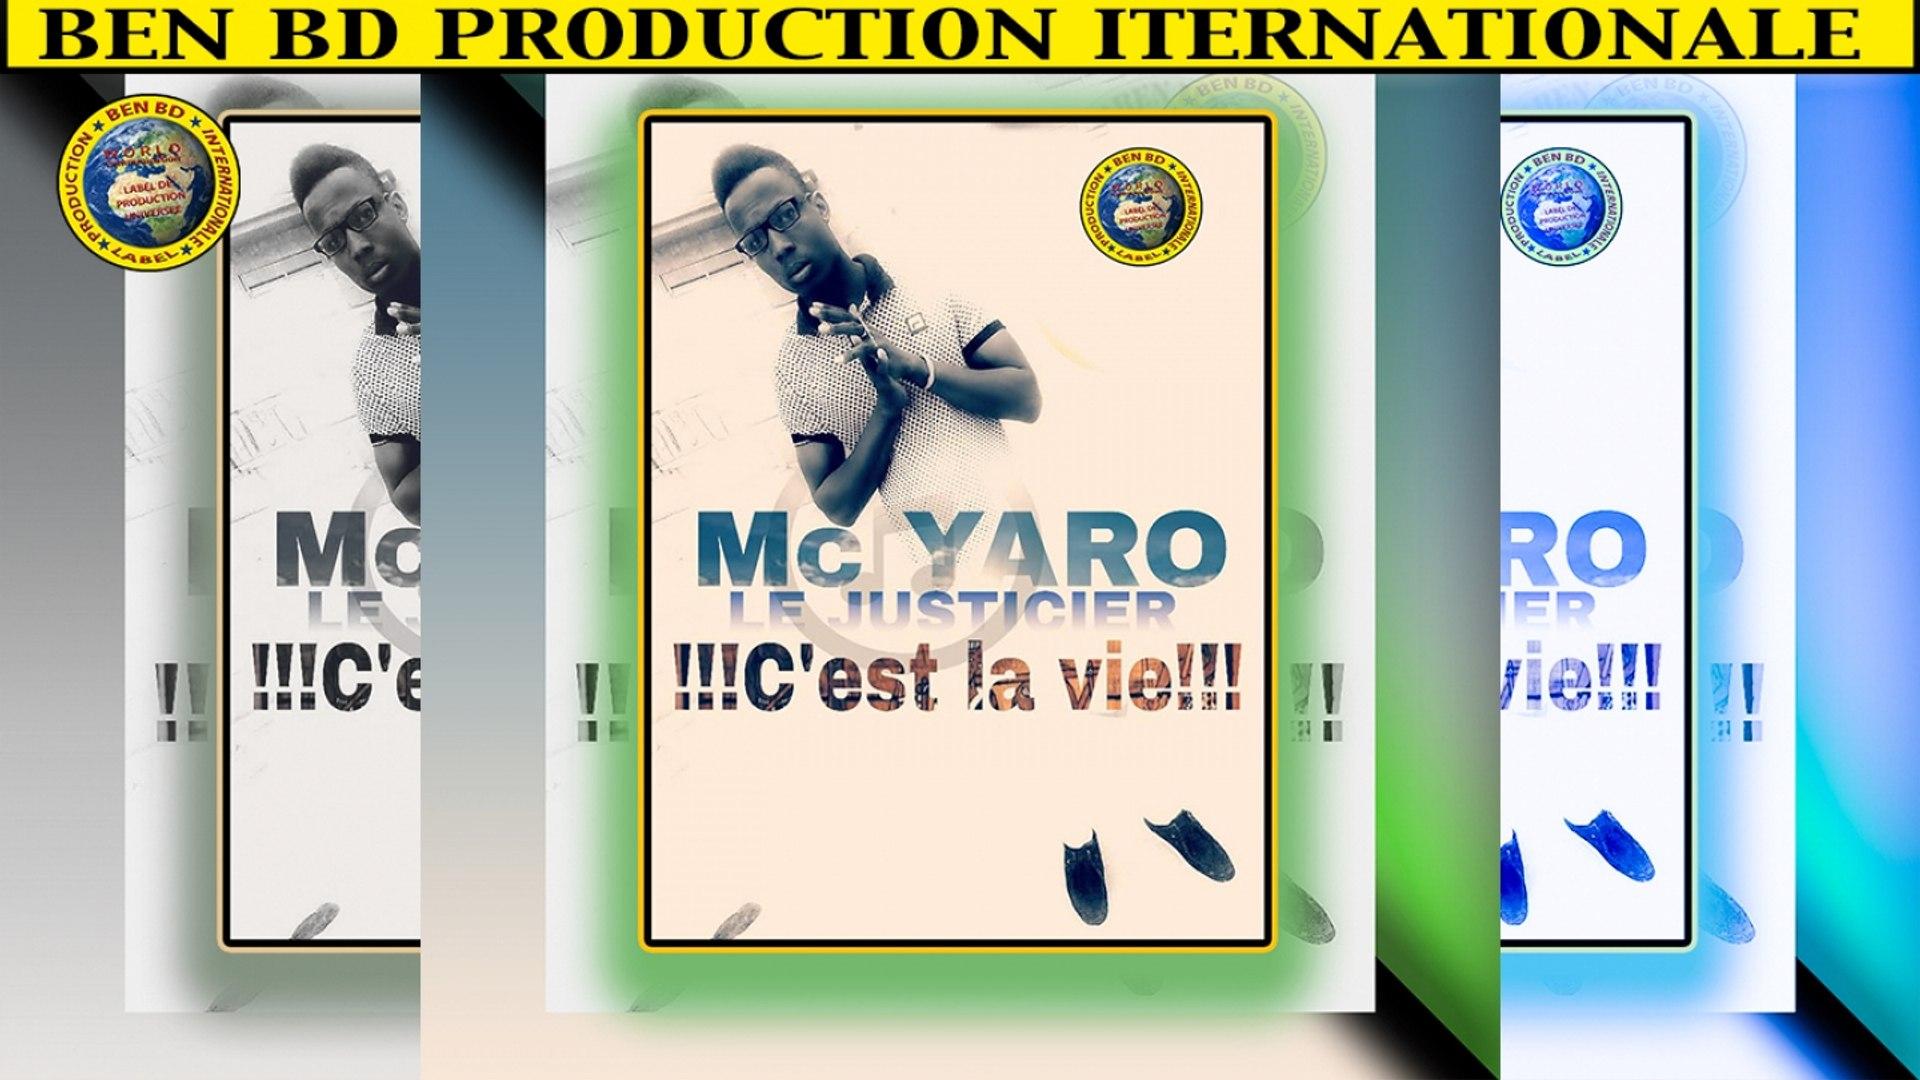 Abdoulaye Dembele, MC YARO - Le Justicier c'est la vie - MC YARO